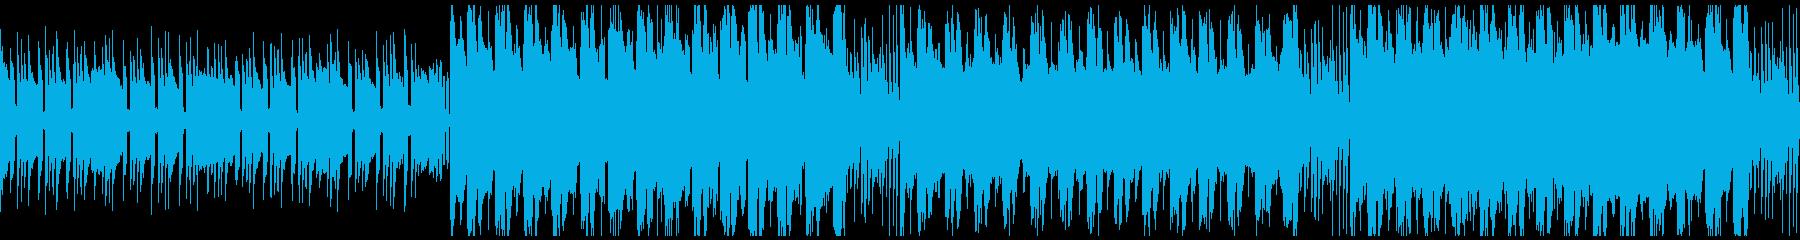 疾走感のあるポップなチップチューンの再生済みの波形